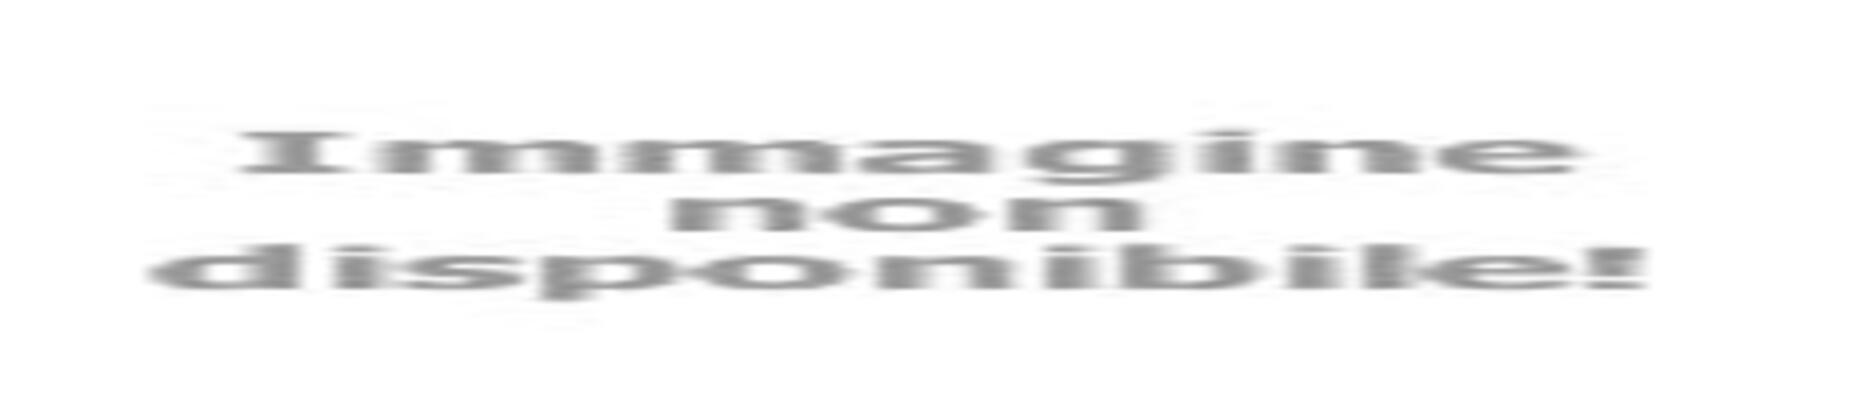 Offerta fine giugno e inizio luglio a Rimini in hotel con SPA vicino al mare